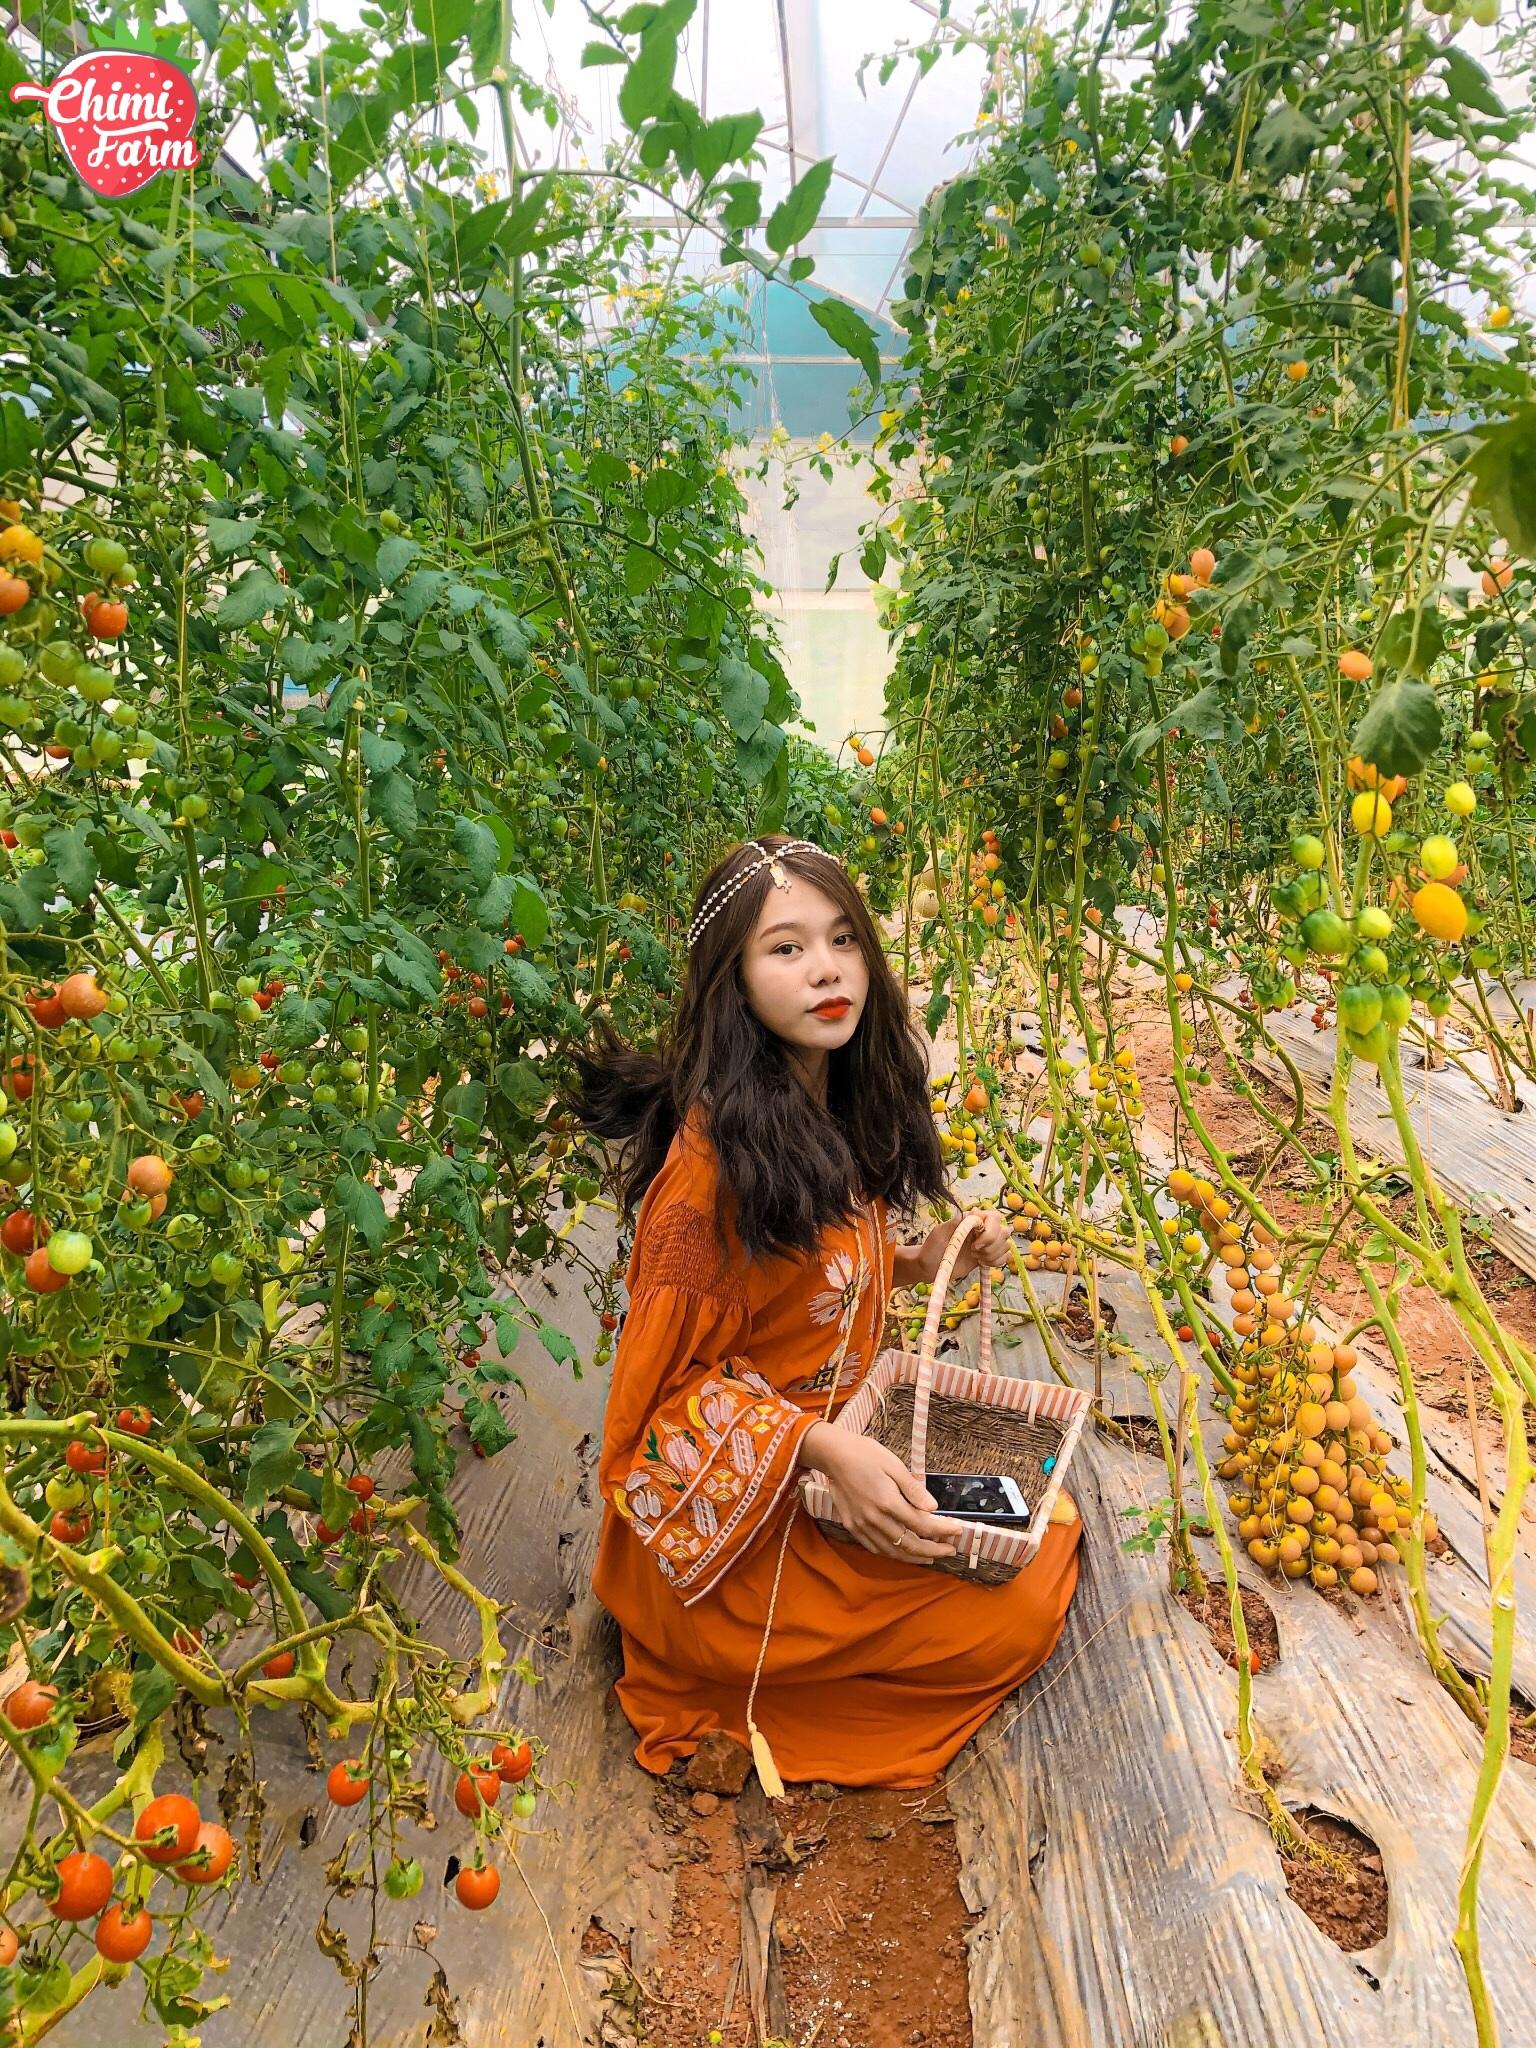 Vườn cà chua là một trong những góc check-in thần thánh của Chimi Farm